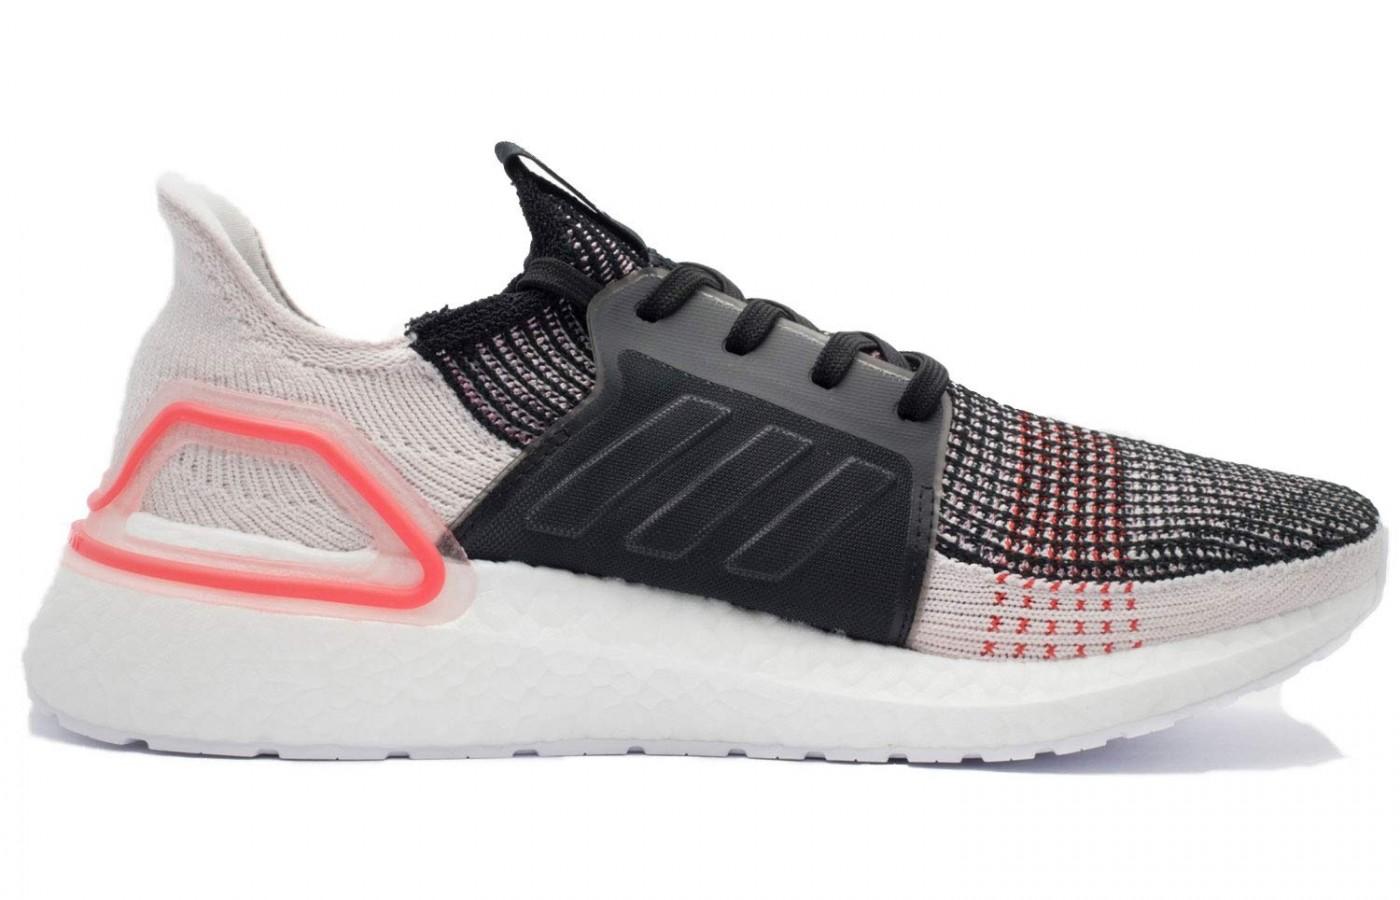 Adidas Ultraboost 19 1